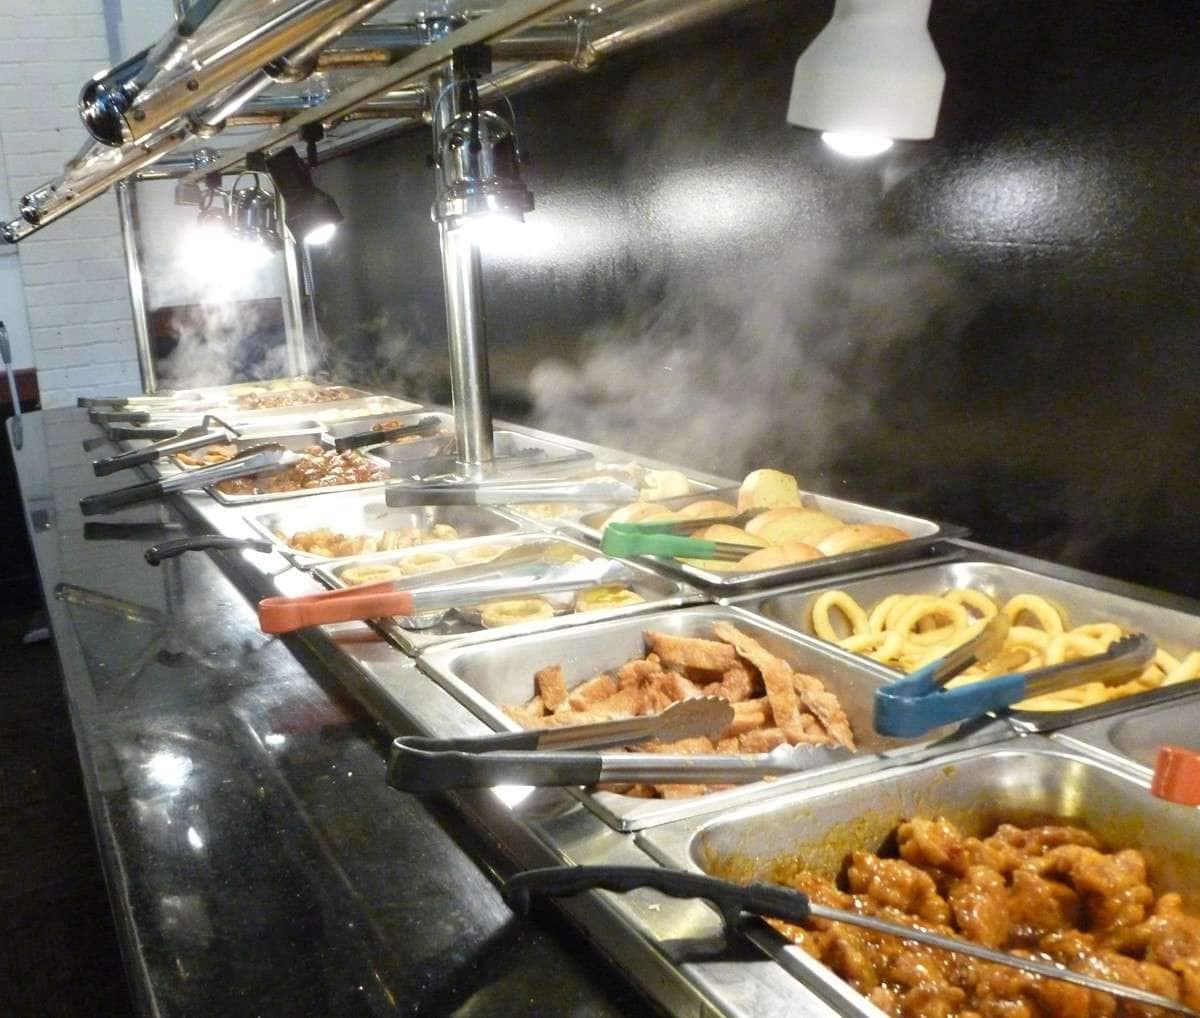 hong kong buffet spokane valley spokane urbanspoon zomato rh zomato com hong kong buffet spokane valley delivery hong kong buffet spokane valley price